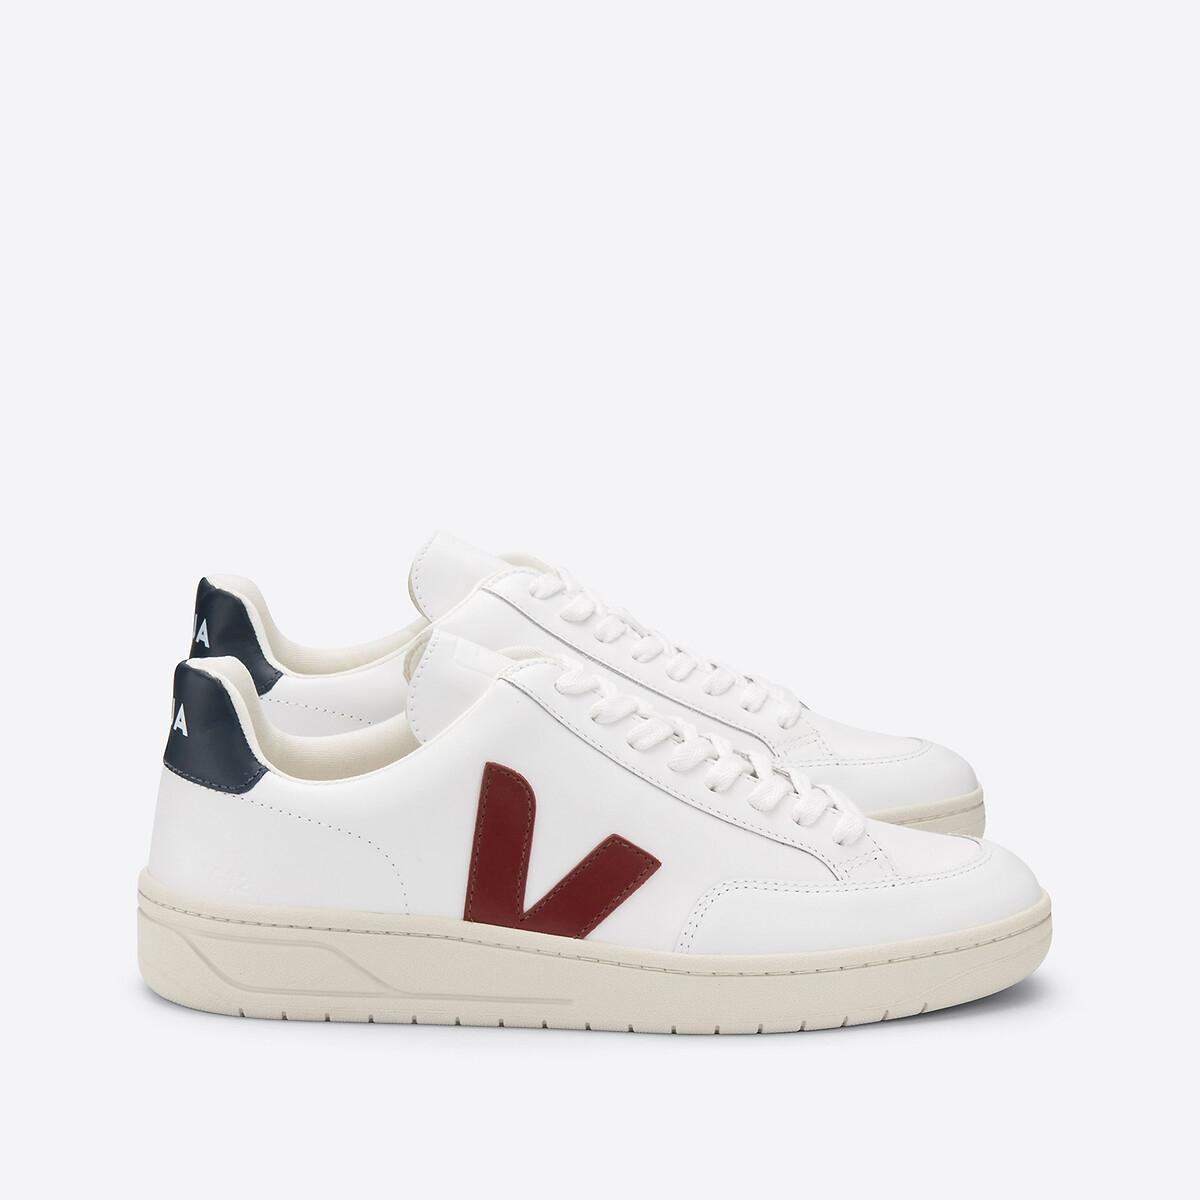 Кеды La Redoute Кожаные на шнуровке V 41 разноцветный кеды la redoute низкие кожаные nicky 41 белый